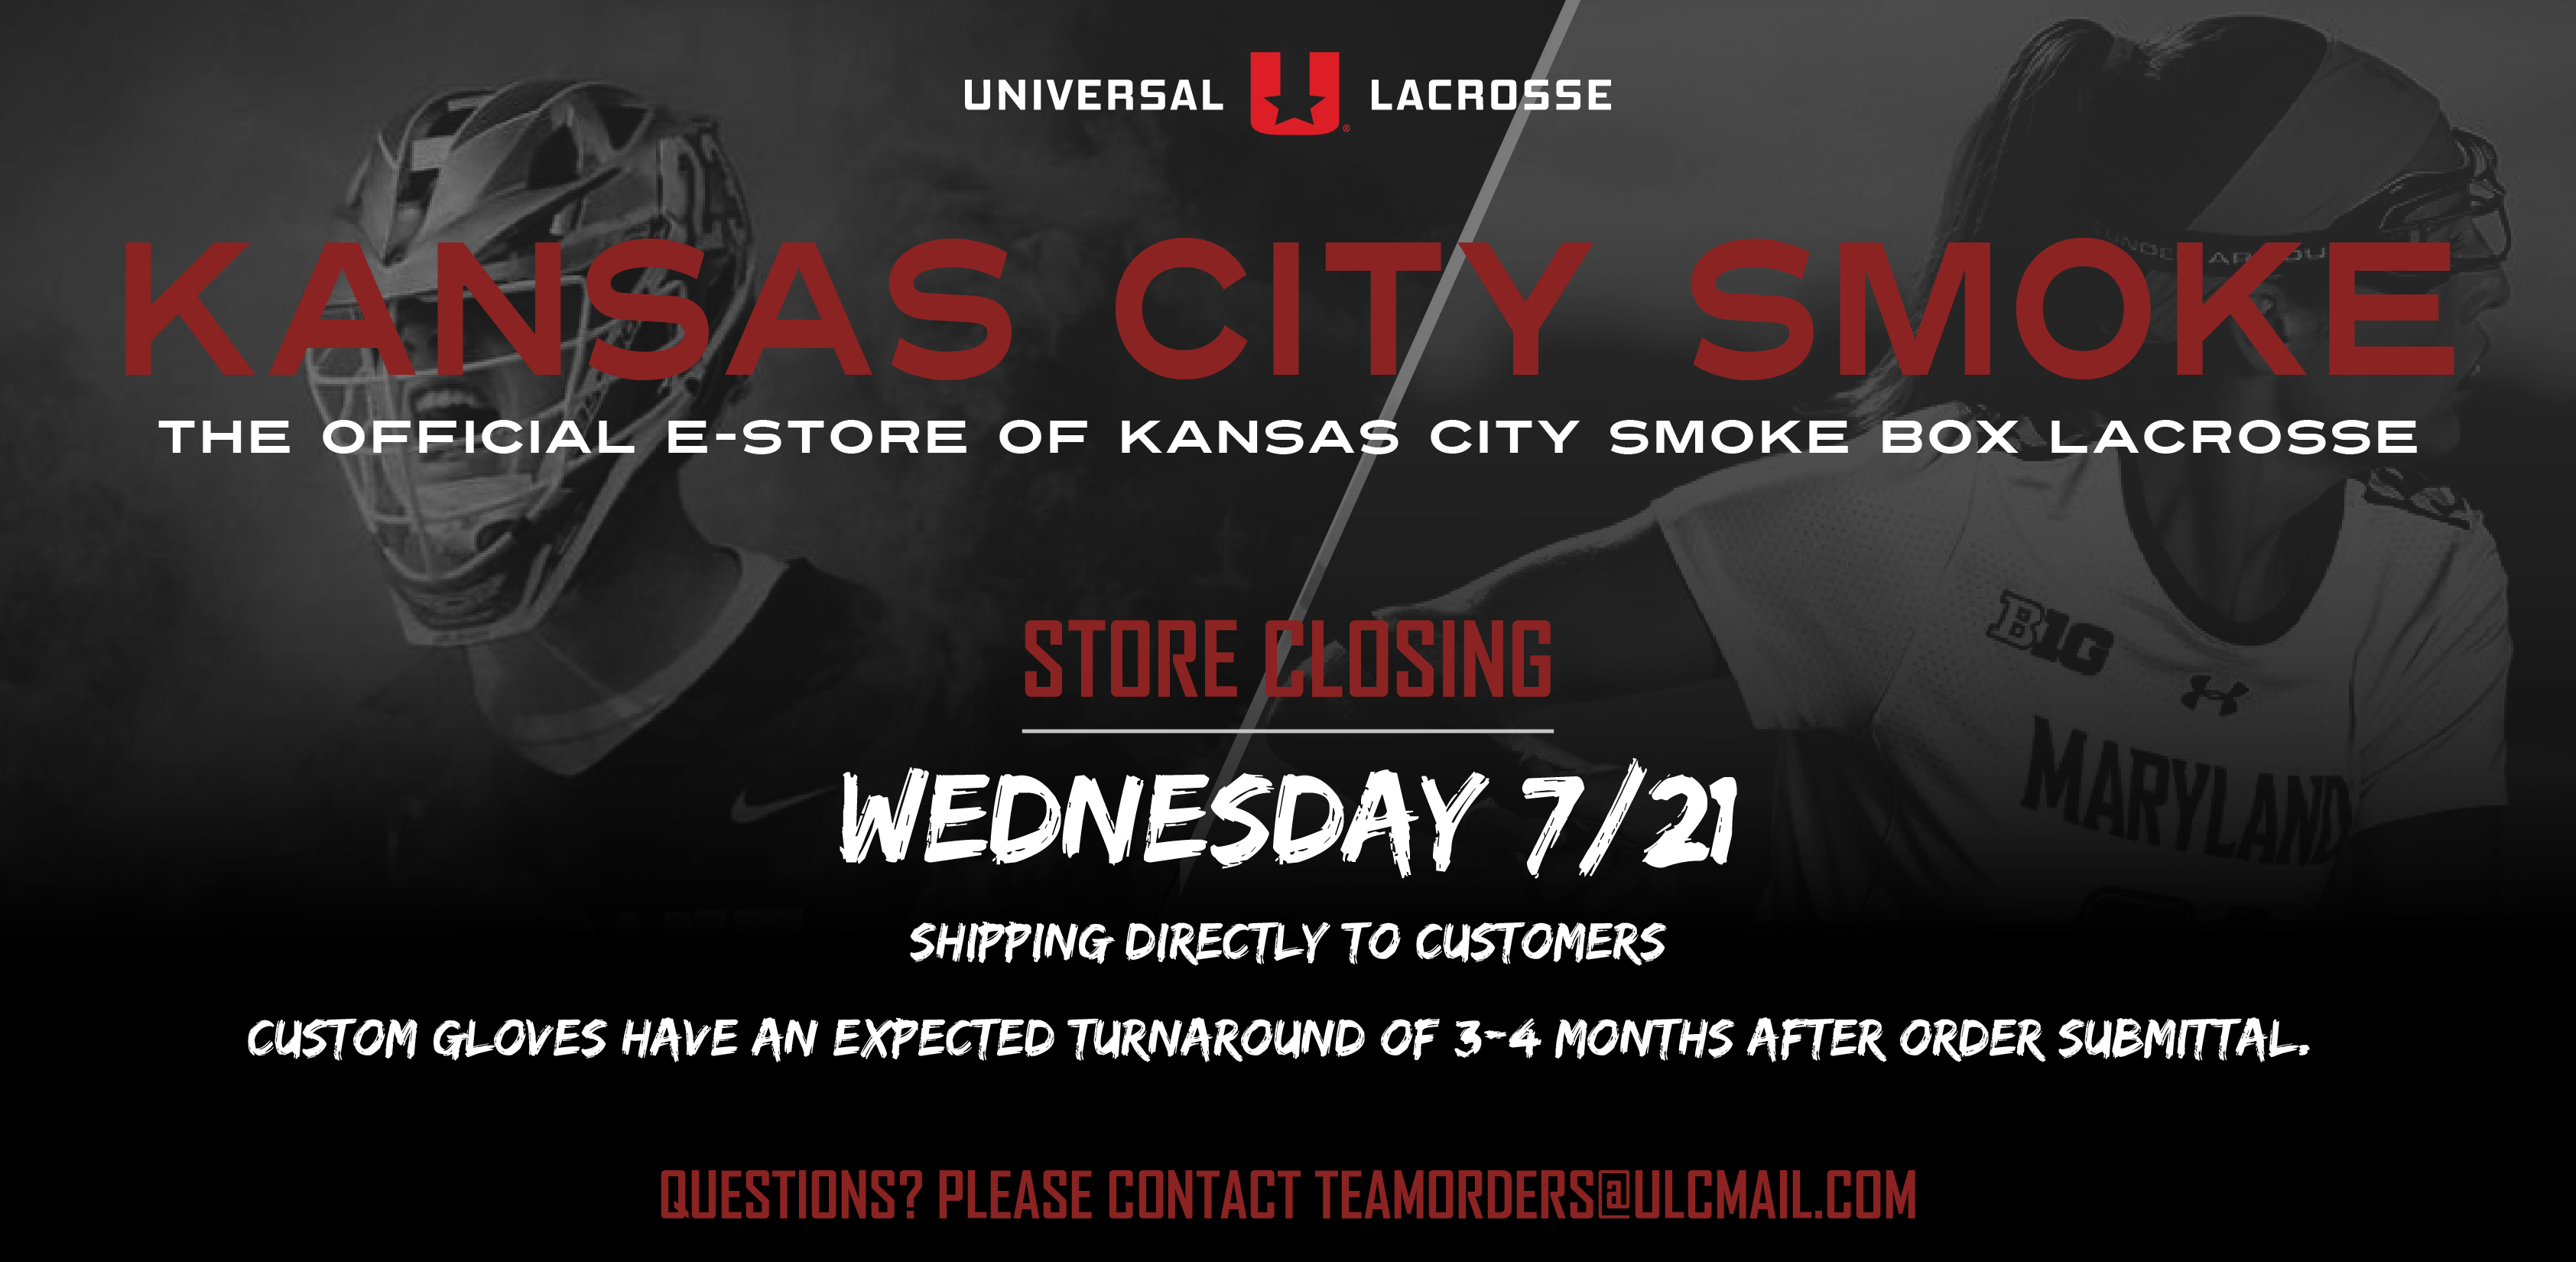 Kansas City Smoke Box Lacrosse